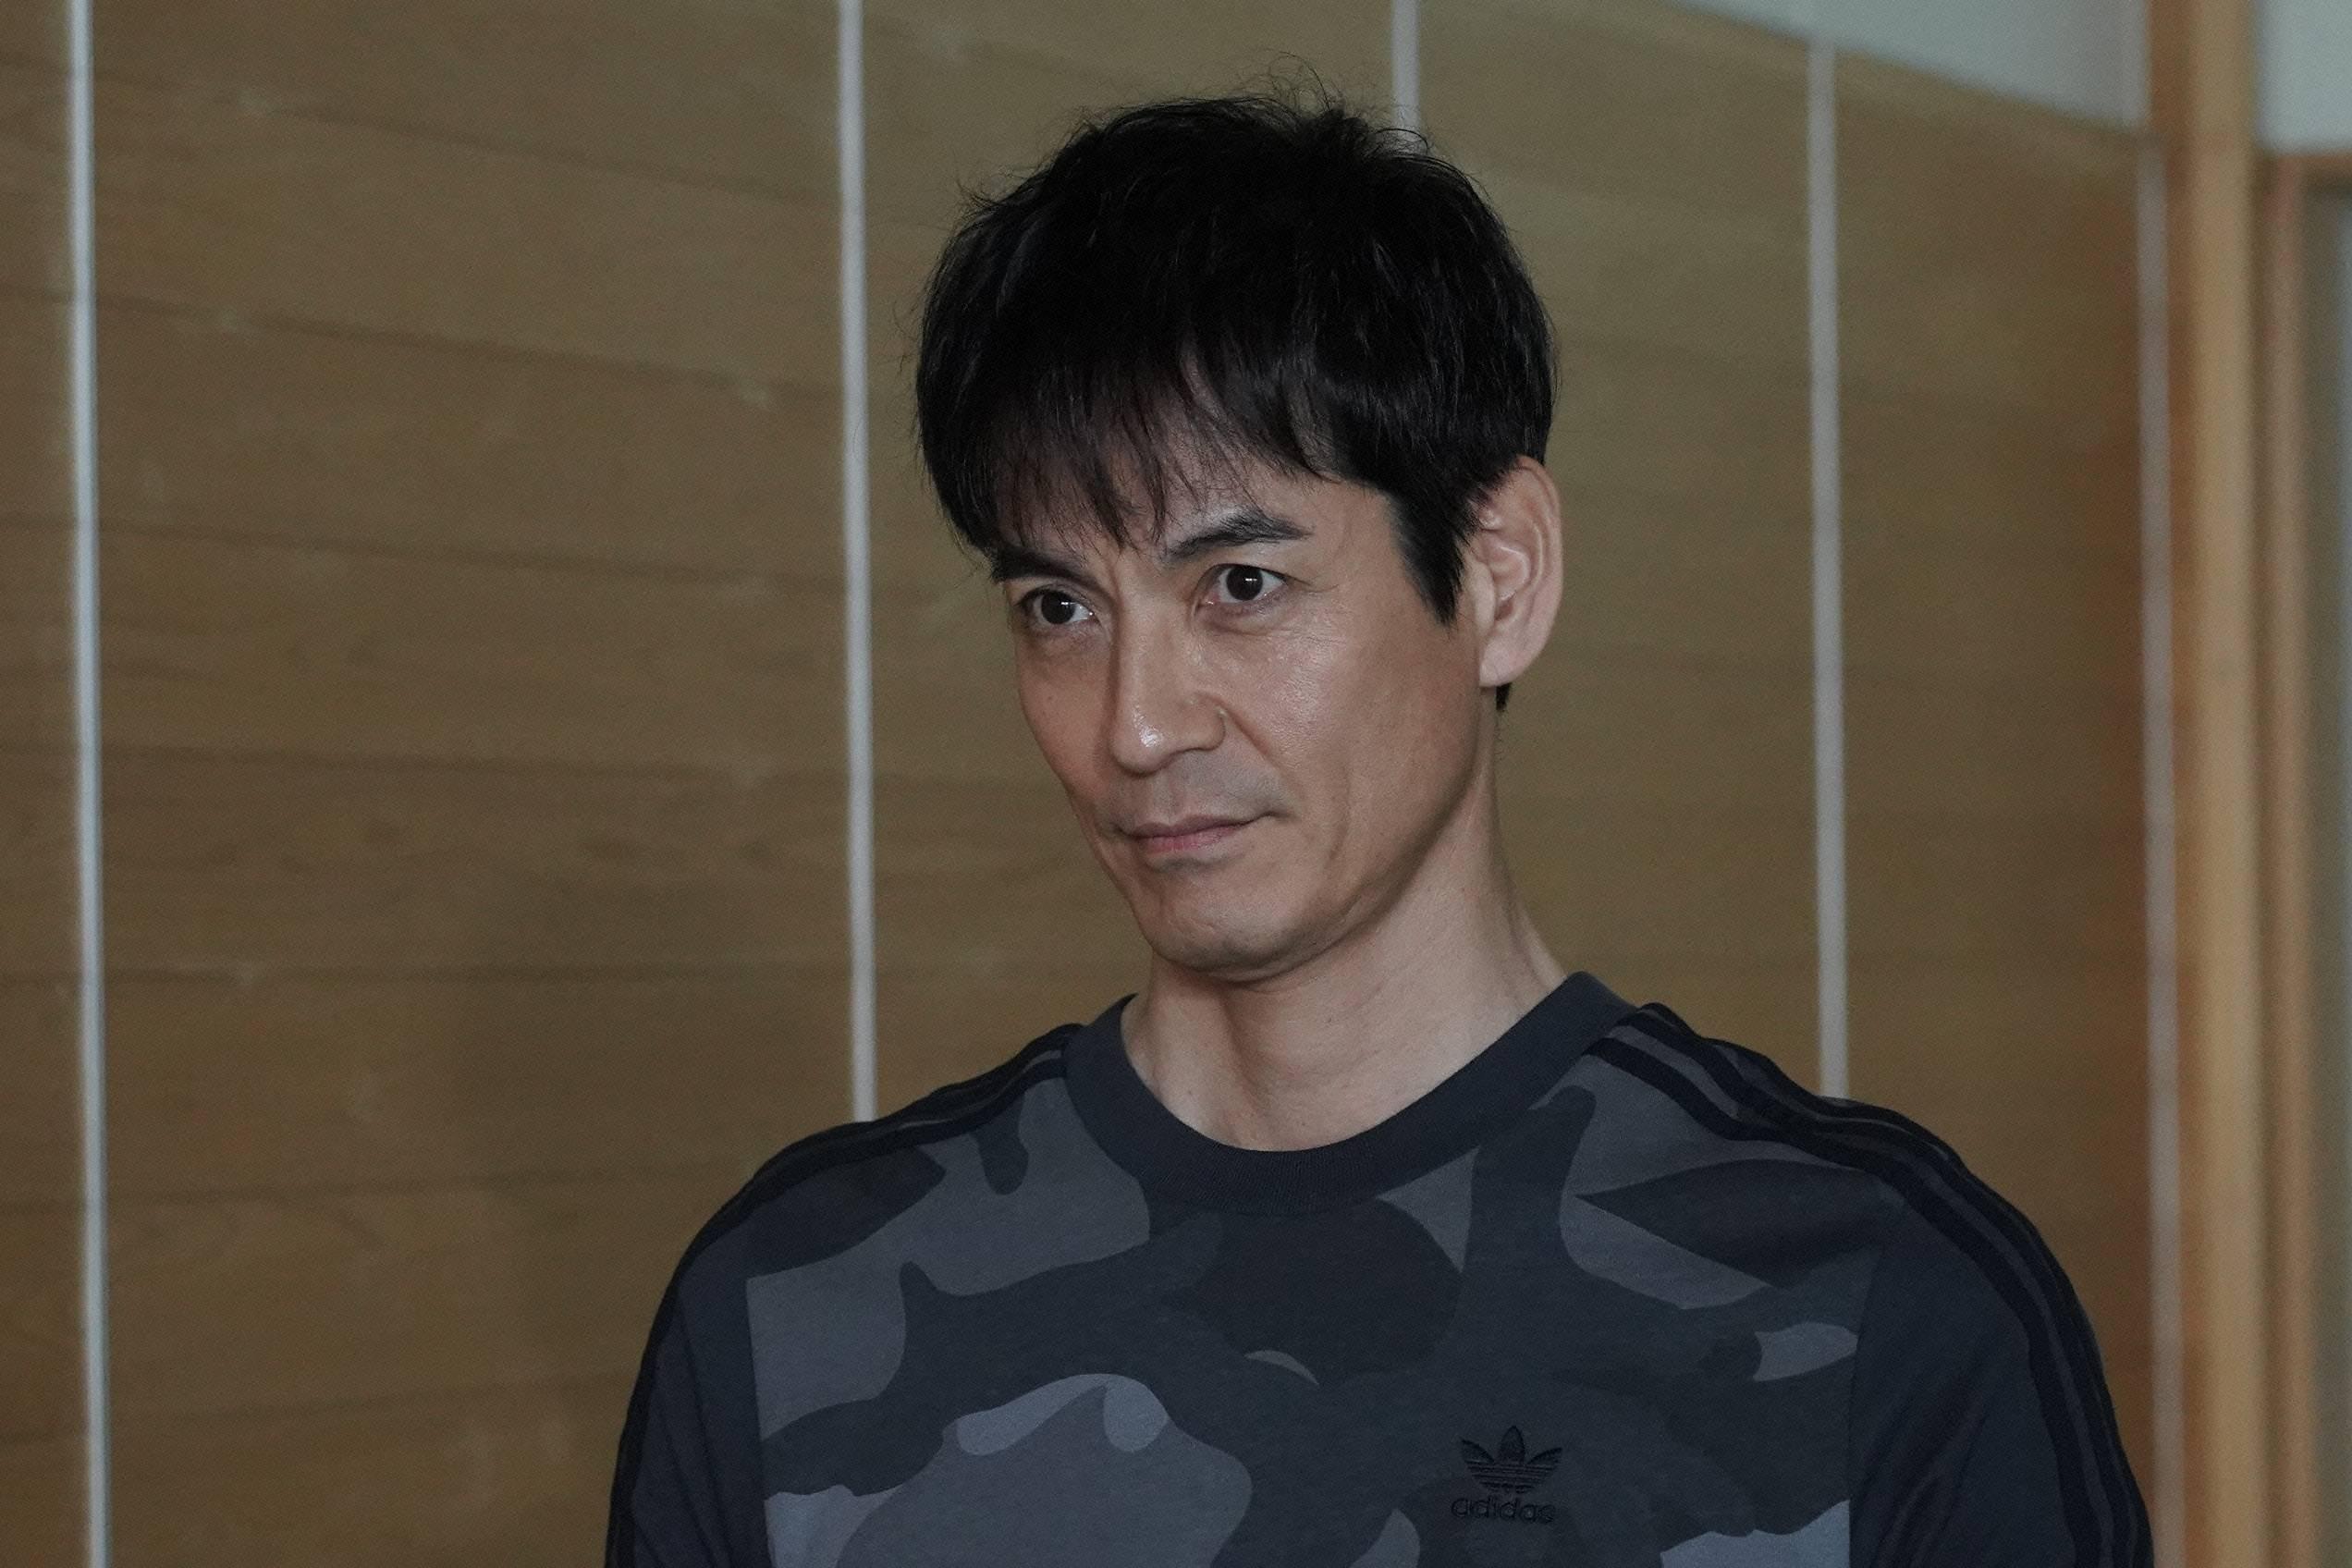 絶対零度〜未然犯罪潜入捜査〜|主演:沢村一樹